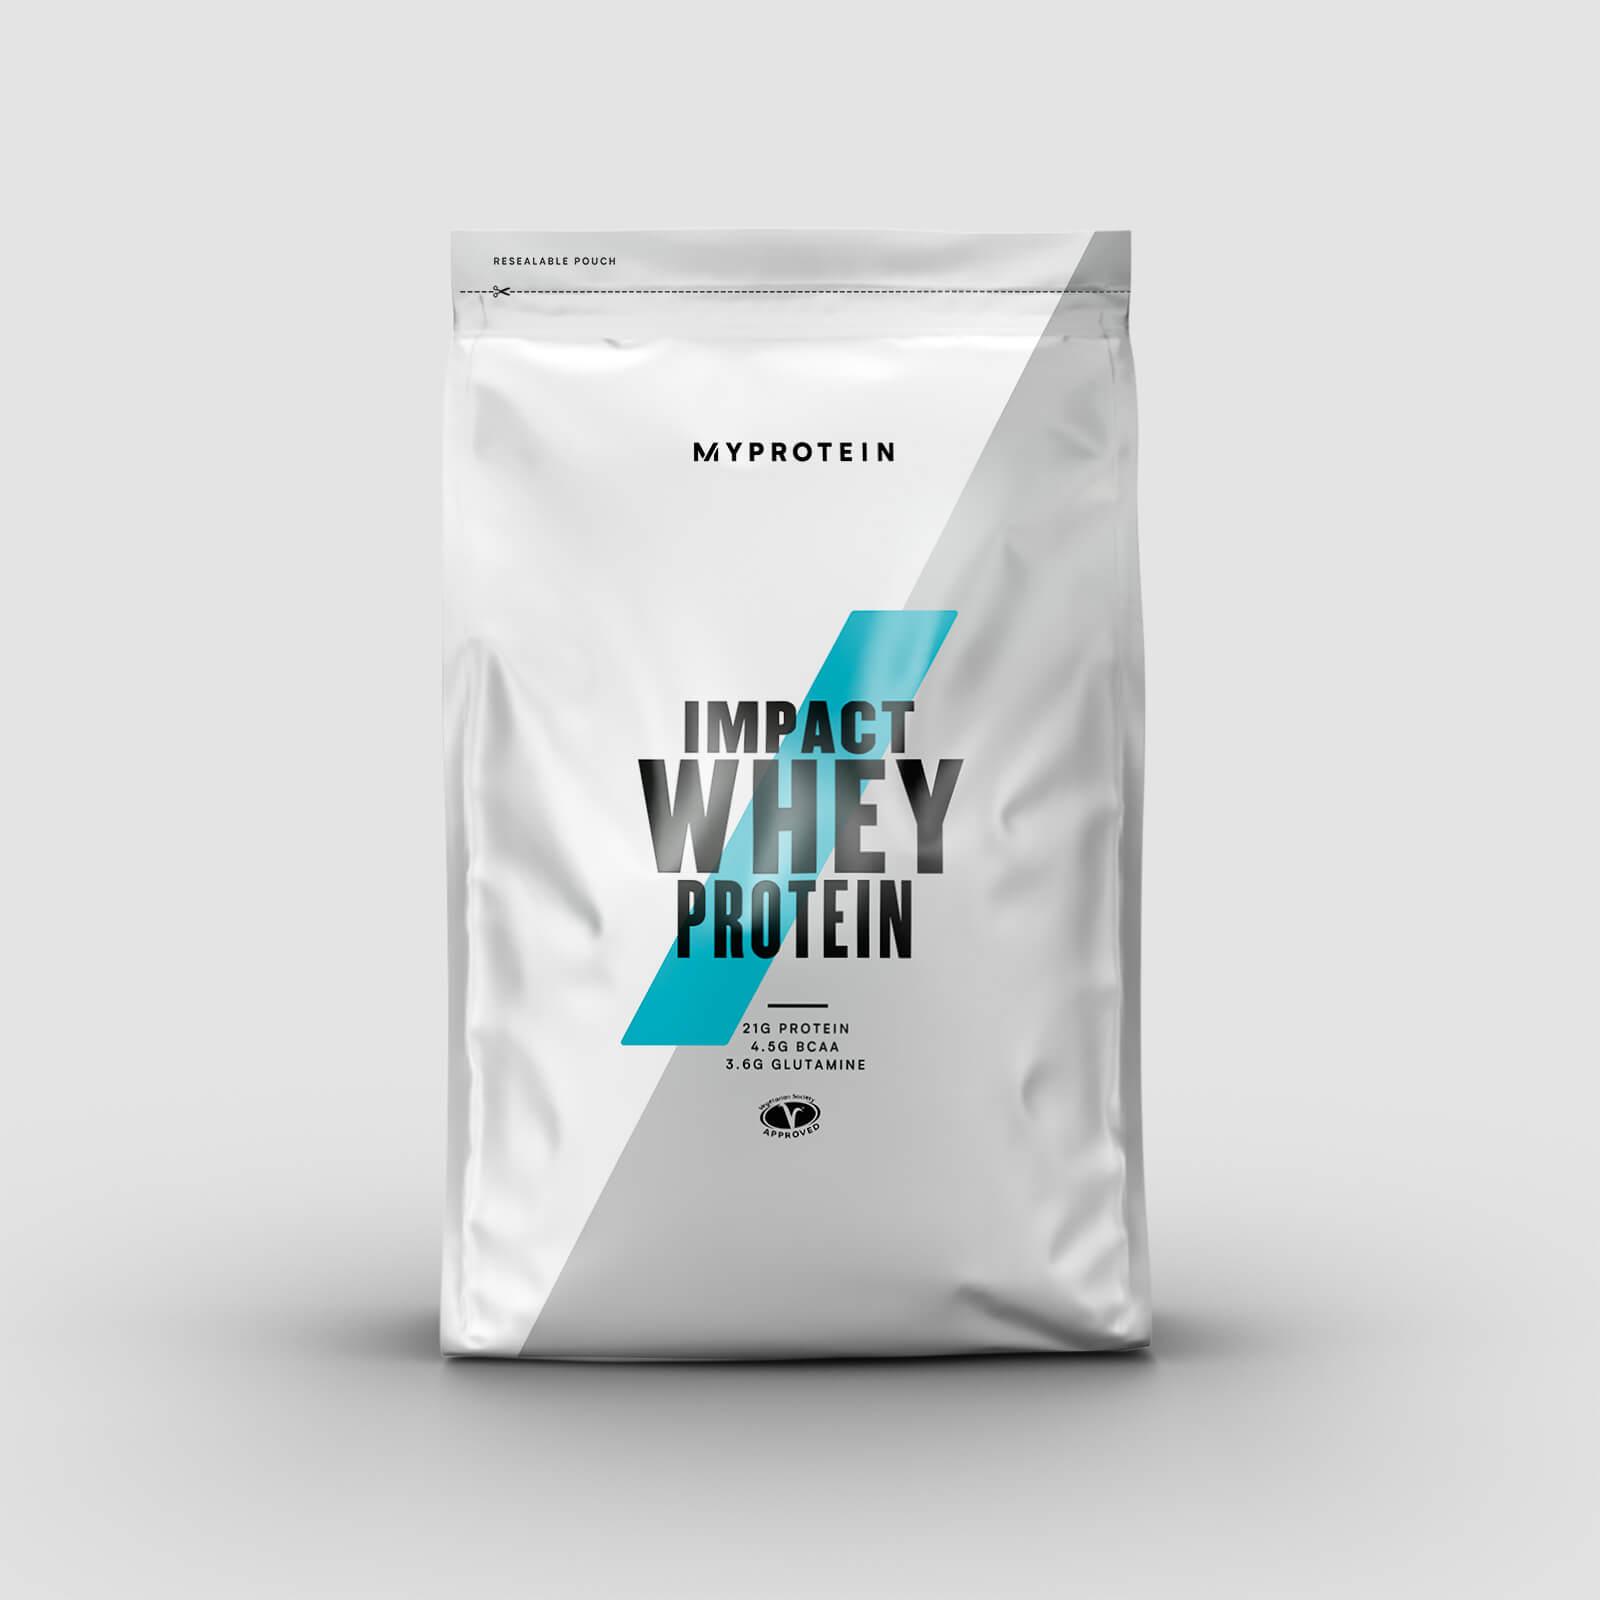 Myprotein Impact Whey Protein, 1kg - Vanilla